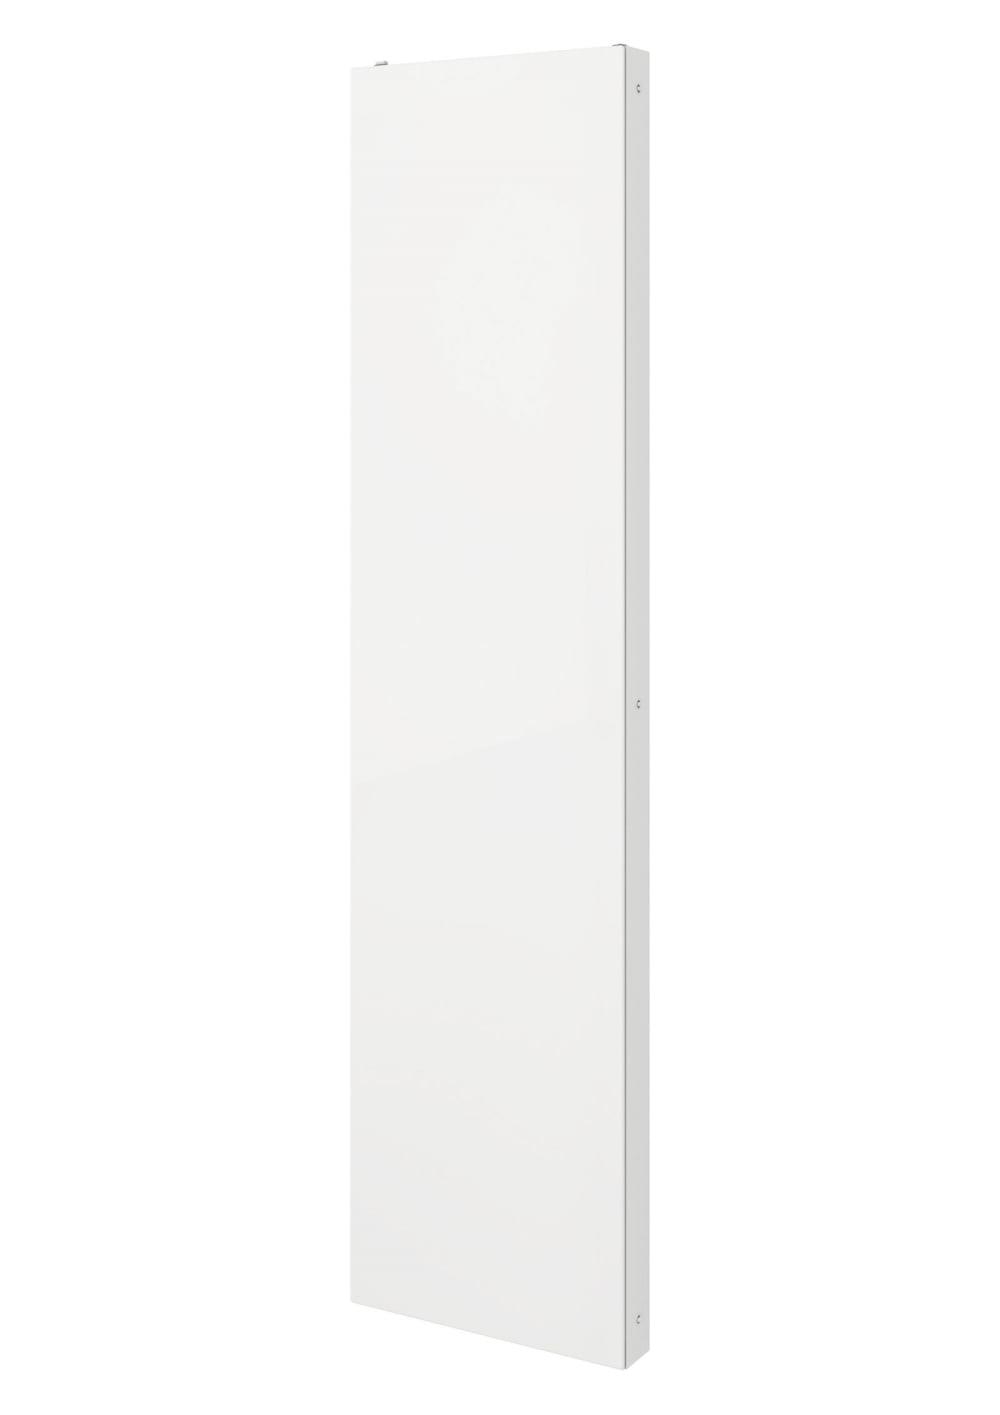 Heizkörper COSMO Vertikal-Heizkörper Plan